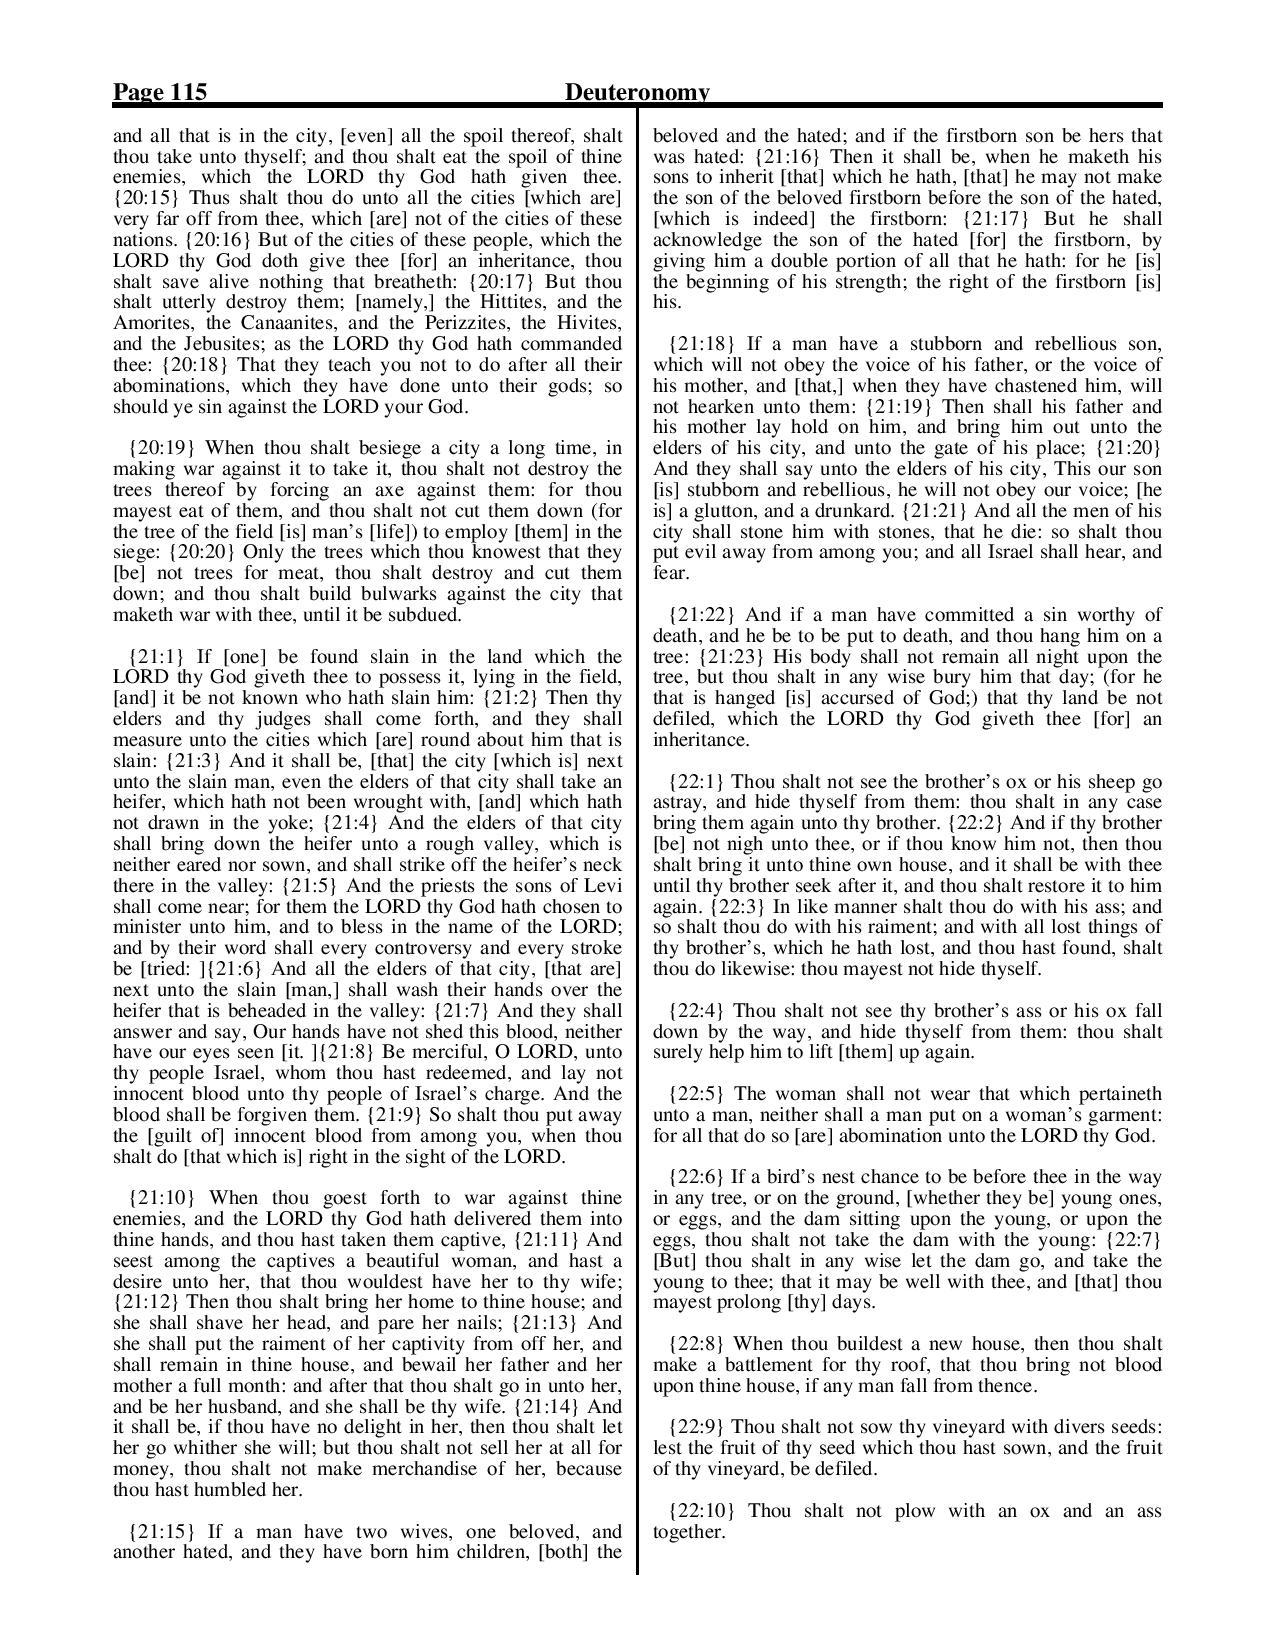 King-James-Bible-KJV-Bible-PDF-page-136